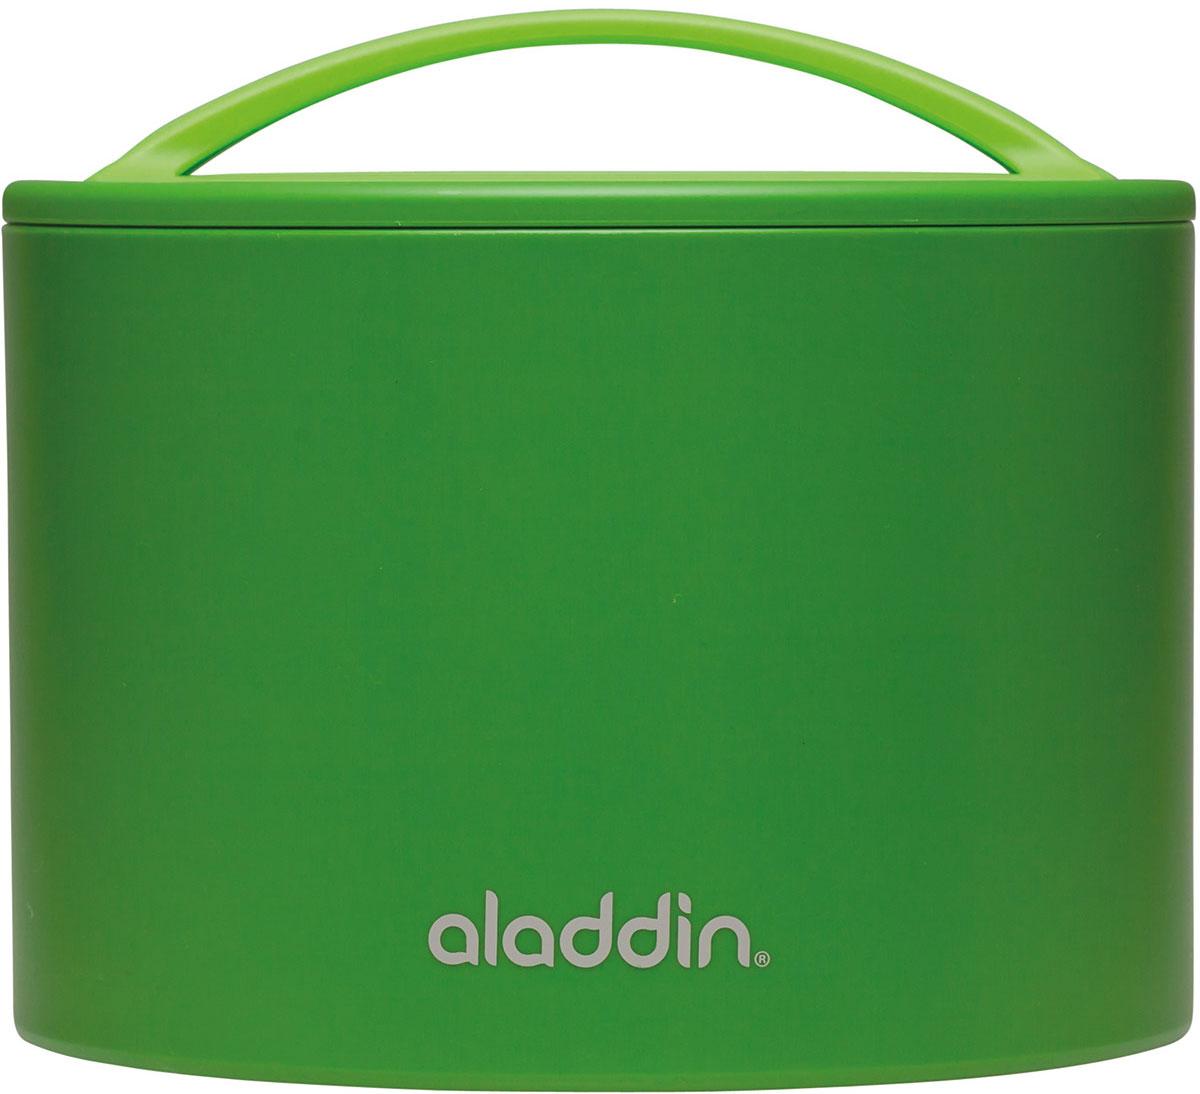 Ланч-бокс Aladdin Bento, цвет: зеленый, 0,6 л10-01134-054Удобный и надежный ланч-бокс Aladdin Bento для людей, которые поддерживают активный образ жизни, увлекаются спортом, соблюдают здоровое питание или просто любят наслаждаться блюдами собственного приготовления не только дома. Ланч-бокс оснащен завинчивающейся крышкой и сохраняет пищу горячей или холодной не менее 5 часов. Основными преимуществами является компактность и вместительность изделия, безопасный для здоровья материал и современный, функциональный дизайн.